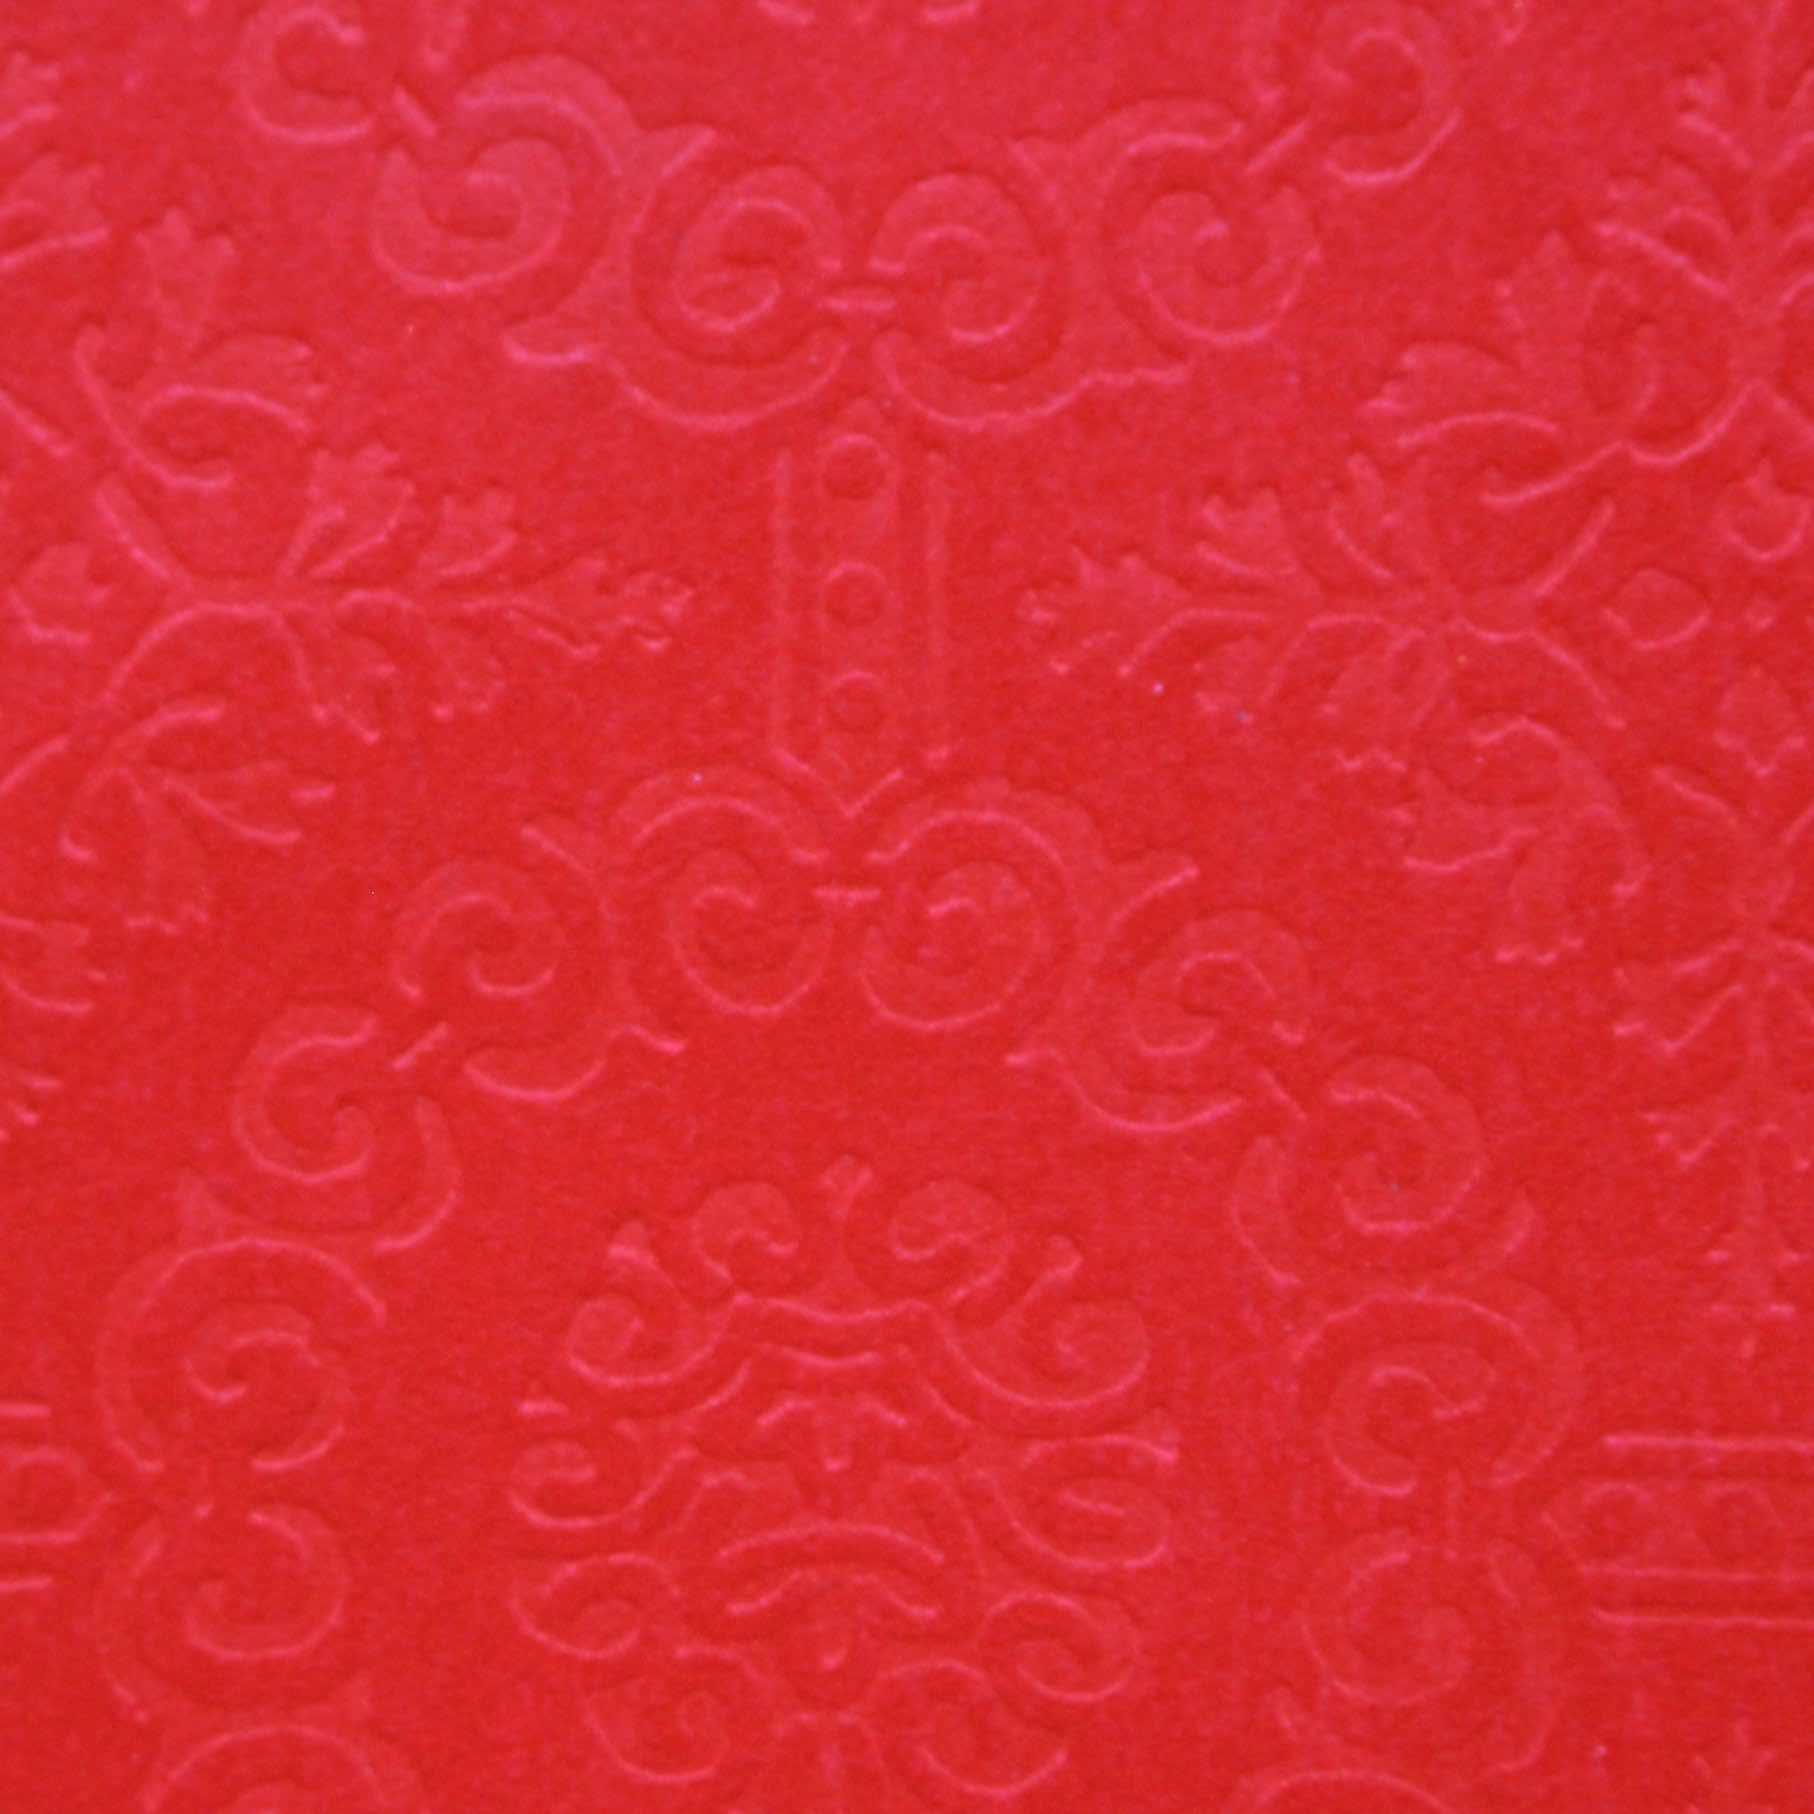 20・ハイブリッド20赤_エンボスk2